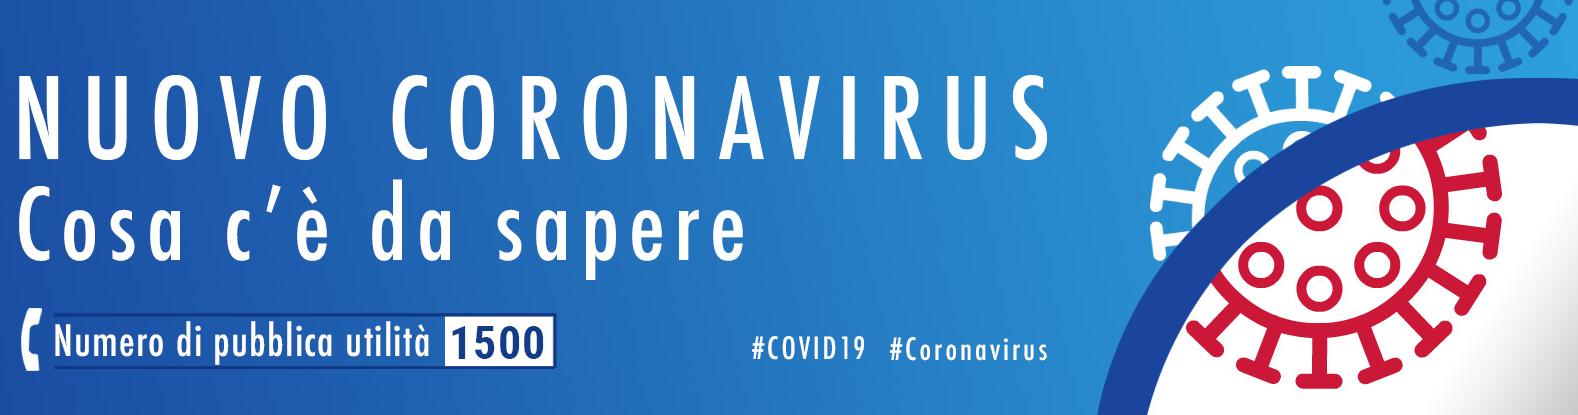 Covid 2019